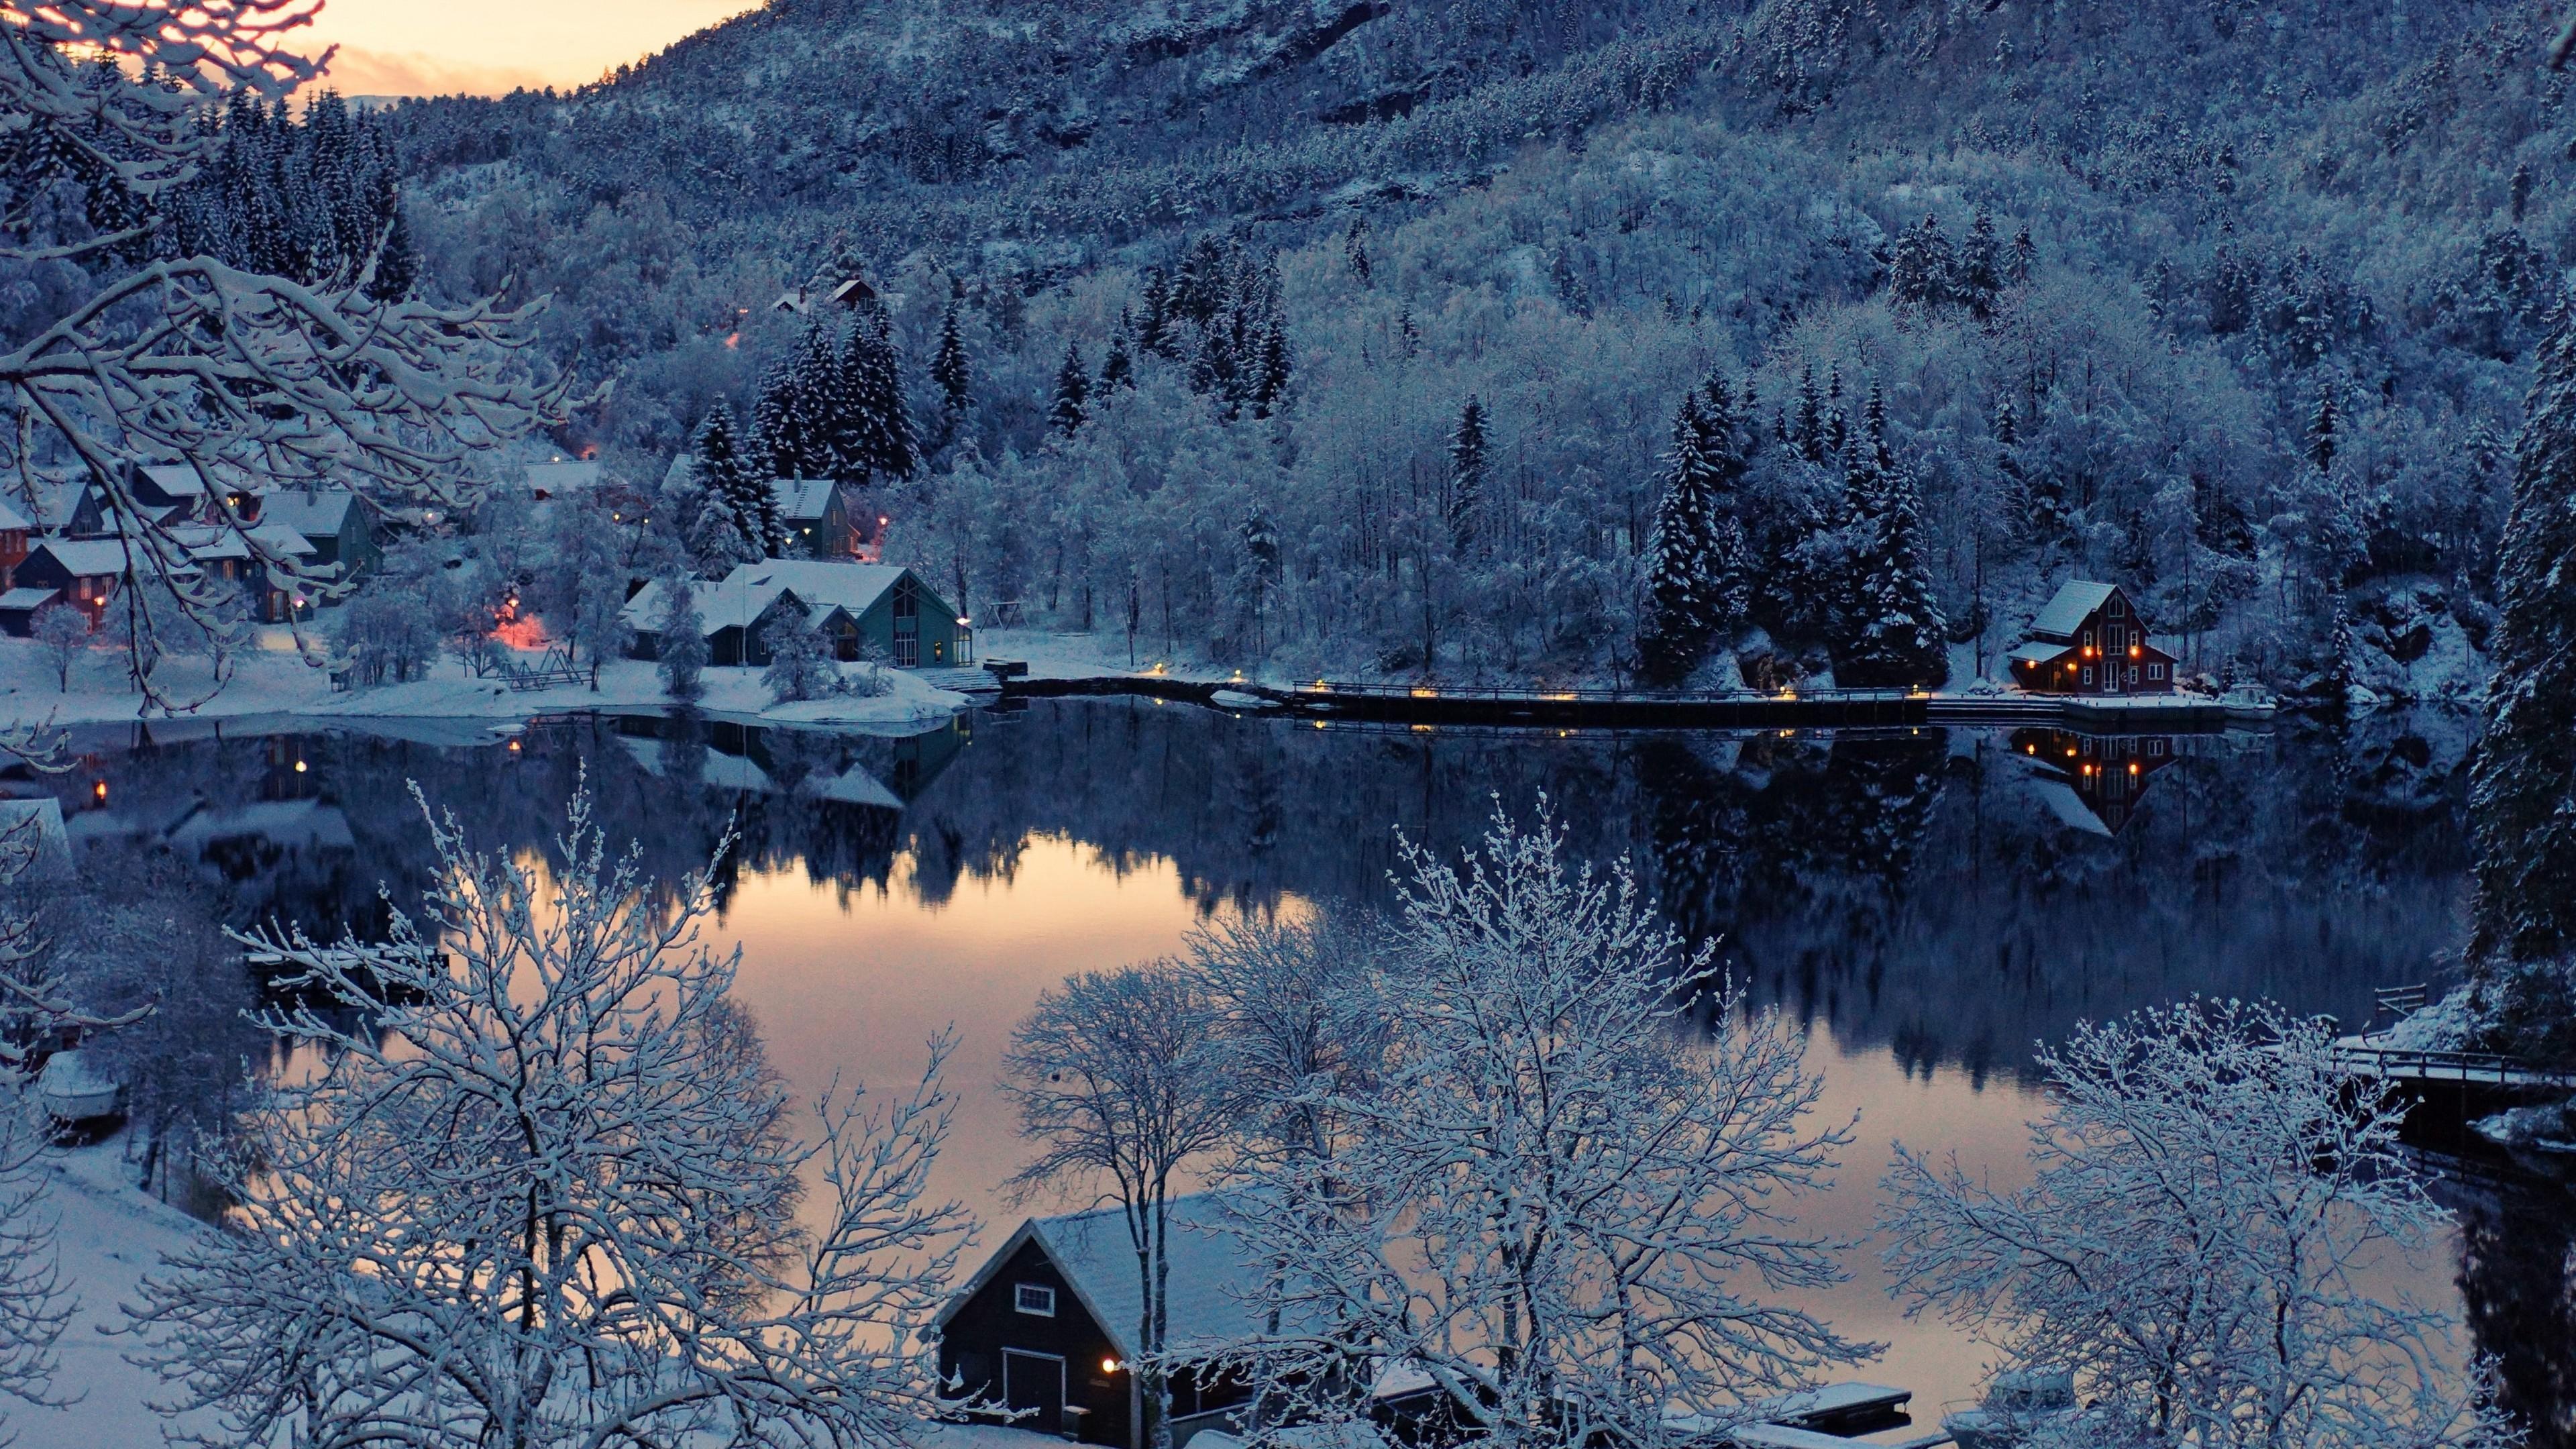 Winter Wallpaper For Desktop Background (56+ Images